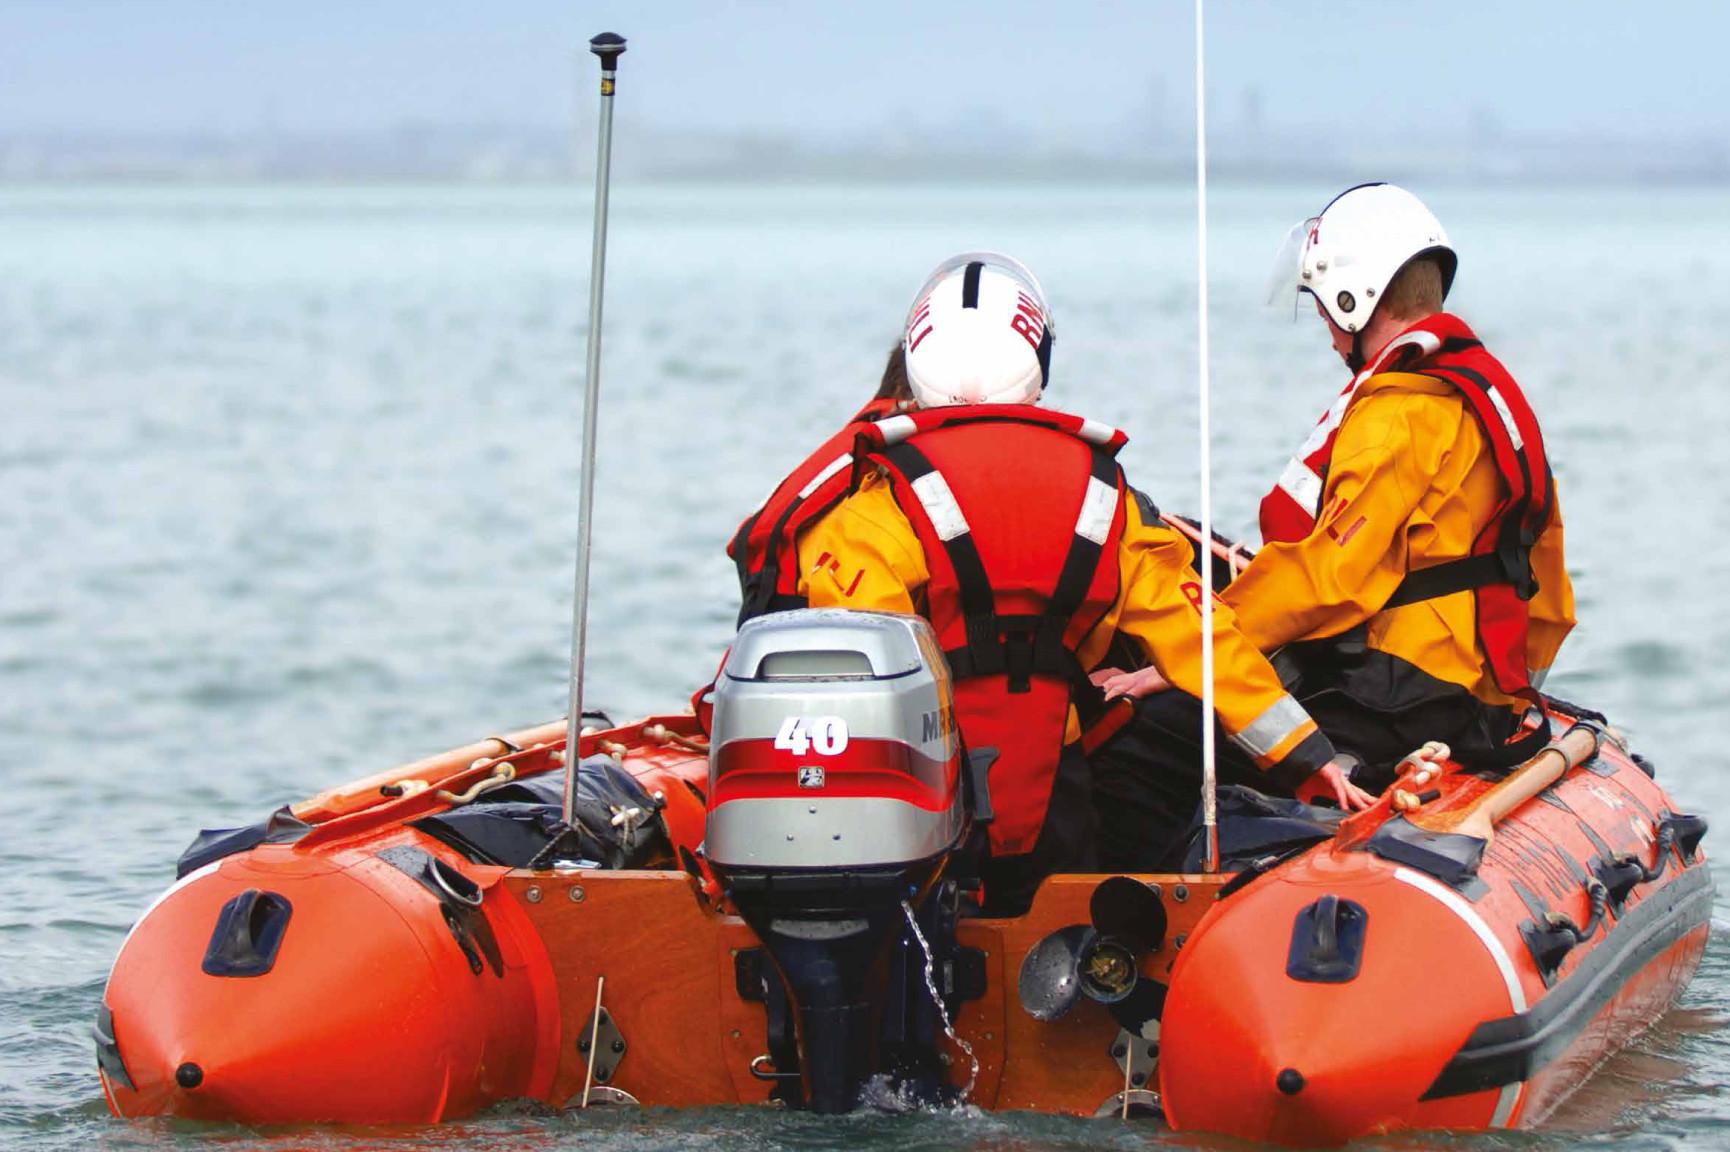 El Máster en Gestión de Desastres participa activamente en el Simulacro Europeo de Protección Civil - 1